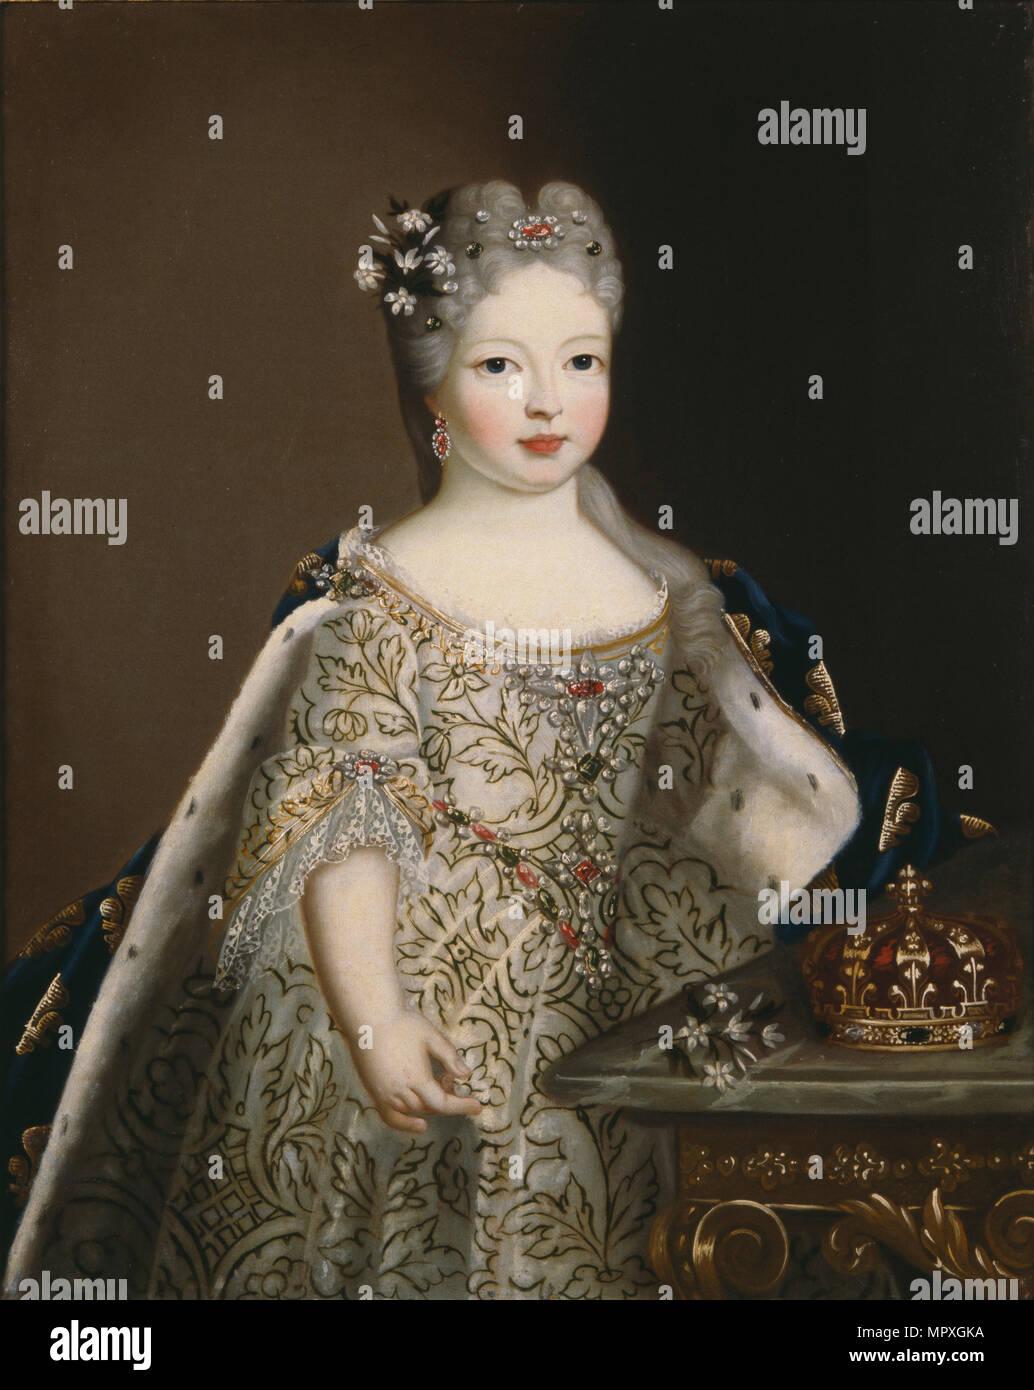 Portrait de l'Infante Mariana Victoria d'Espagne (1718-1781), reine de Portugal. Photo Stock